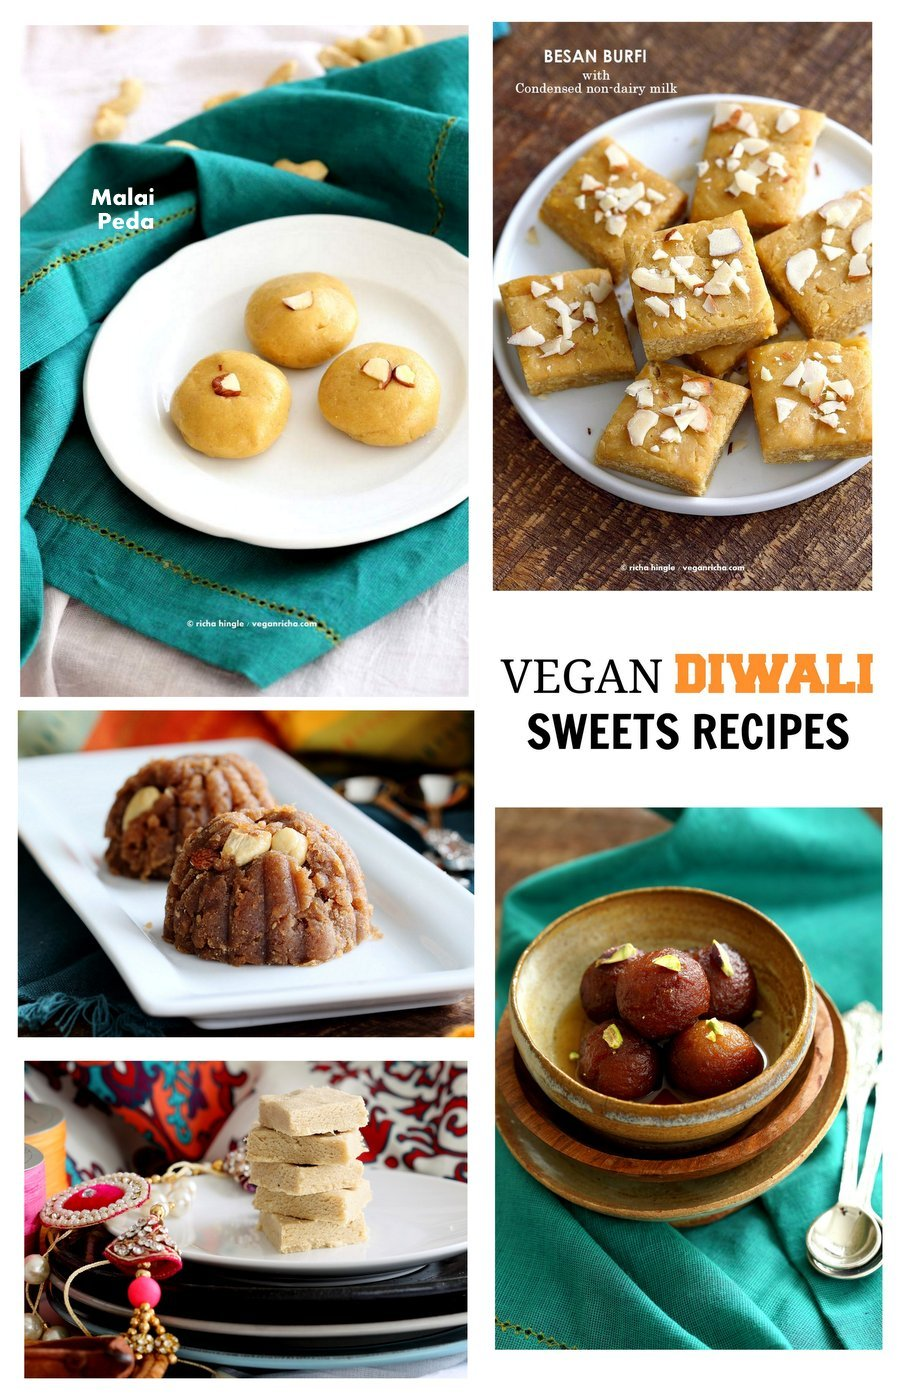 Vegan Diwali Sweets Recipes | Vegan Richa